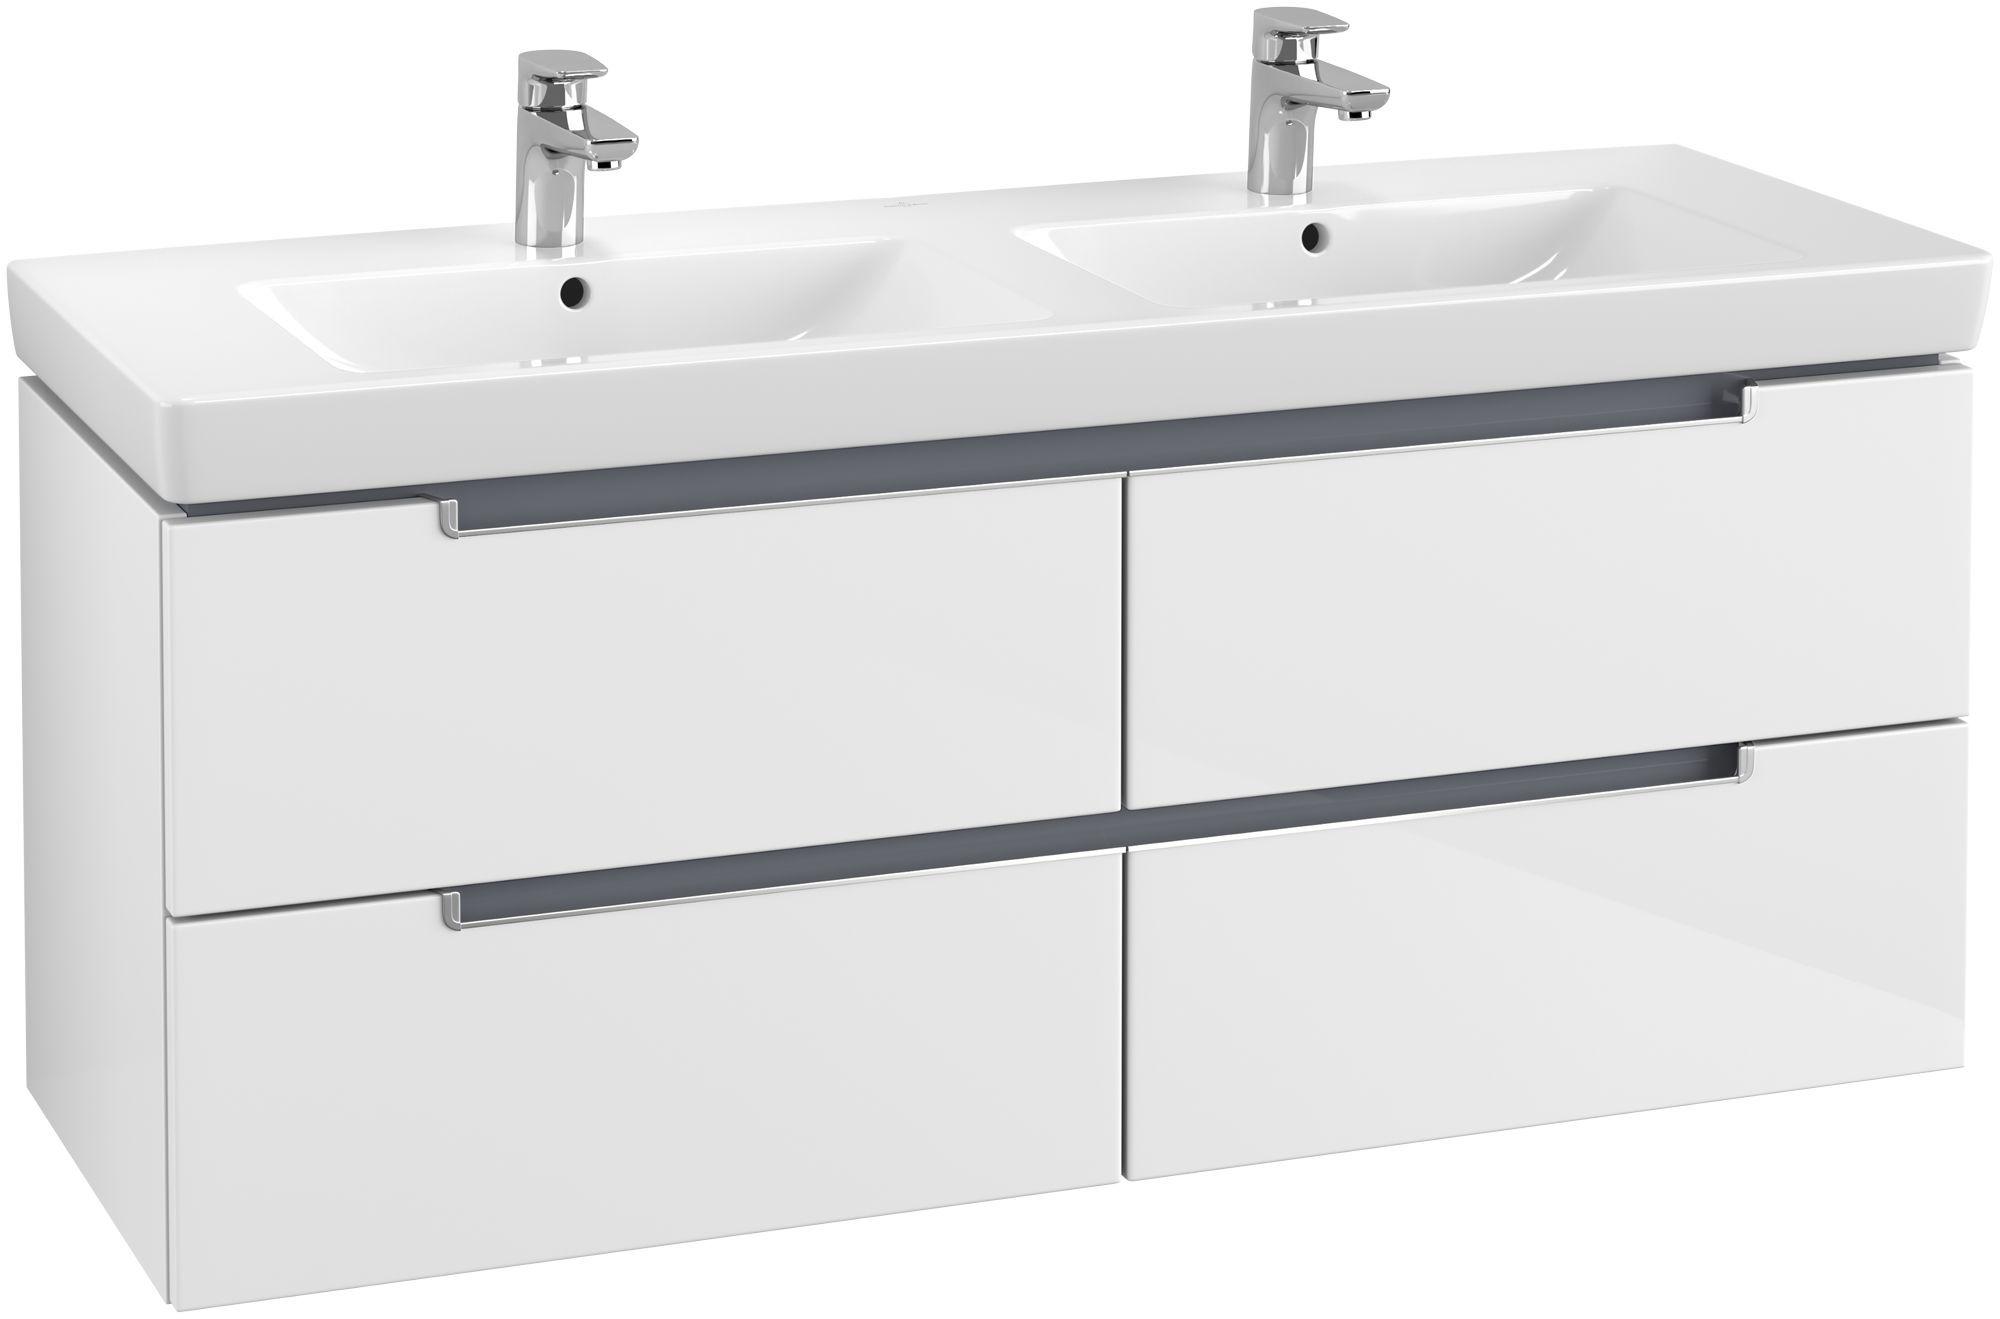 Villeroy & Boch Subway 2.0 Waschtischunterschrank 4 Auszüge B:1287xT:449xH:524mm glossy weiß Griffe silberfarbig matt A69900DH